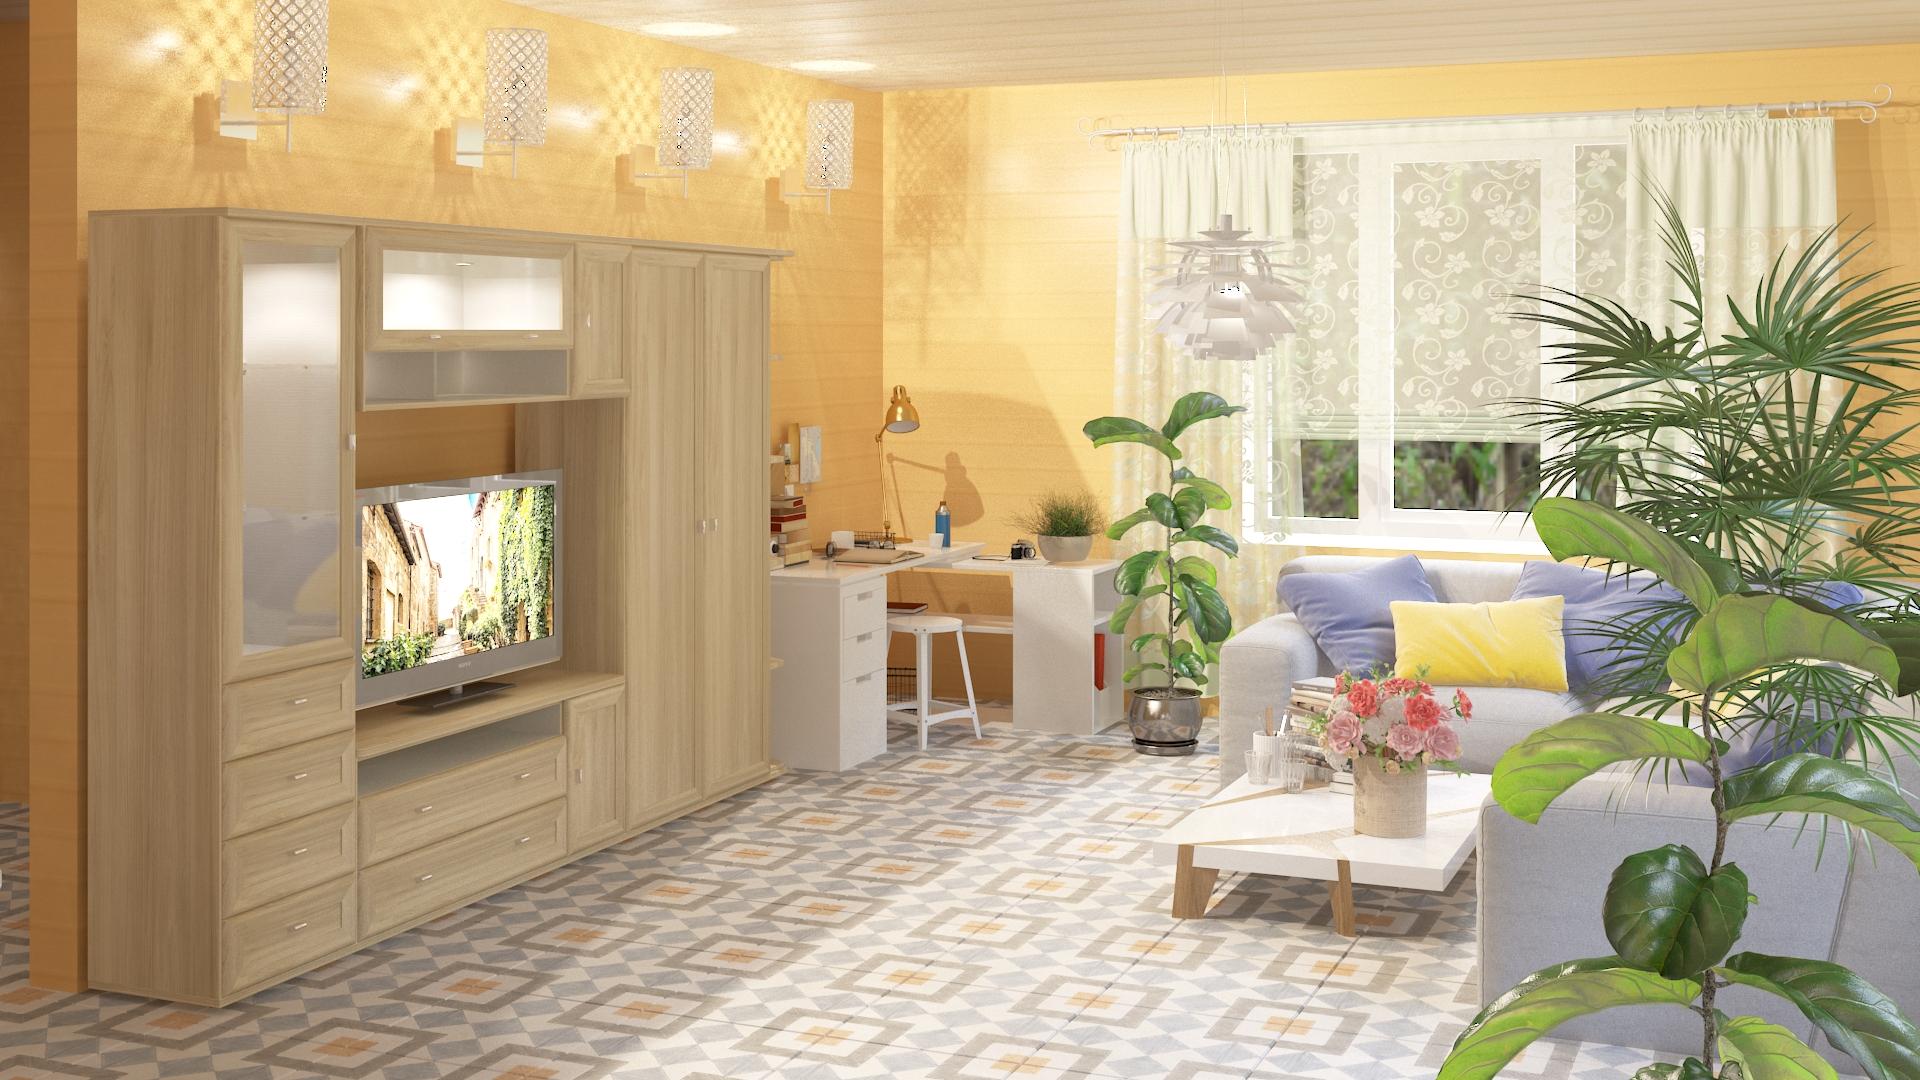 https://interior-design.dacha-drive.ru/wp-content/uploads/2019/10/gostinaya1-czvet-oranzhevyj.jpg